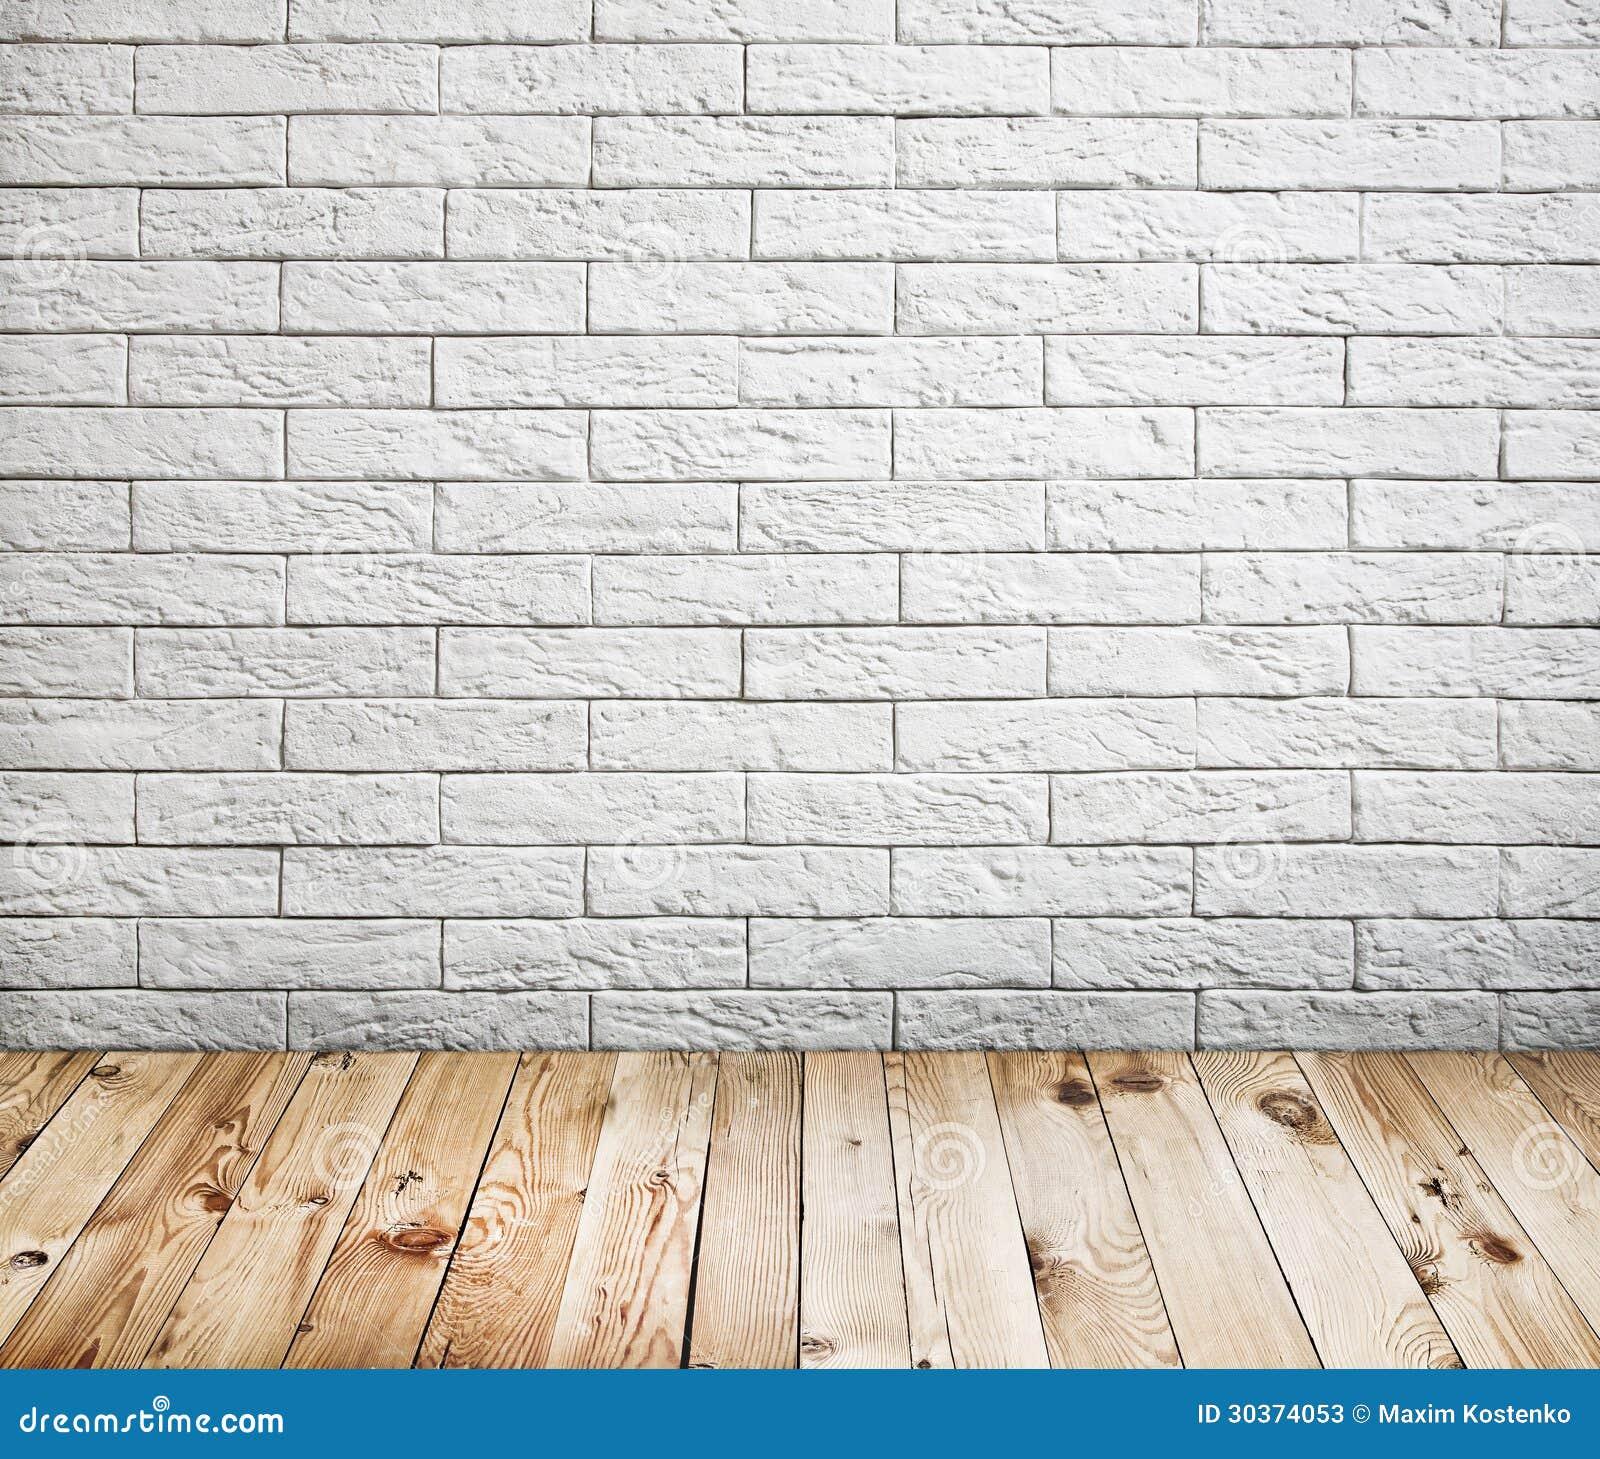 Interno Della Stanza Con Il Muro Di Mattoni Bianco Fotografie Stock - Immagine: 30374053